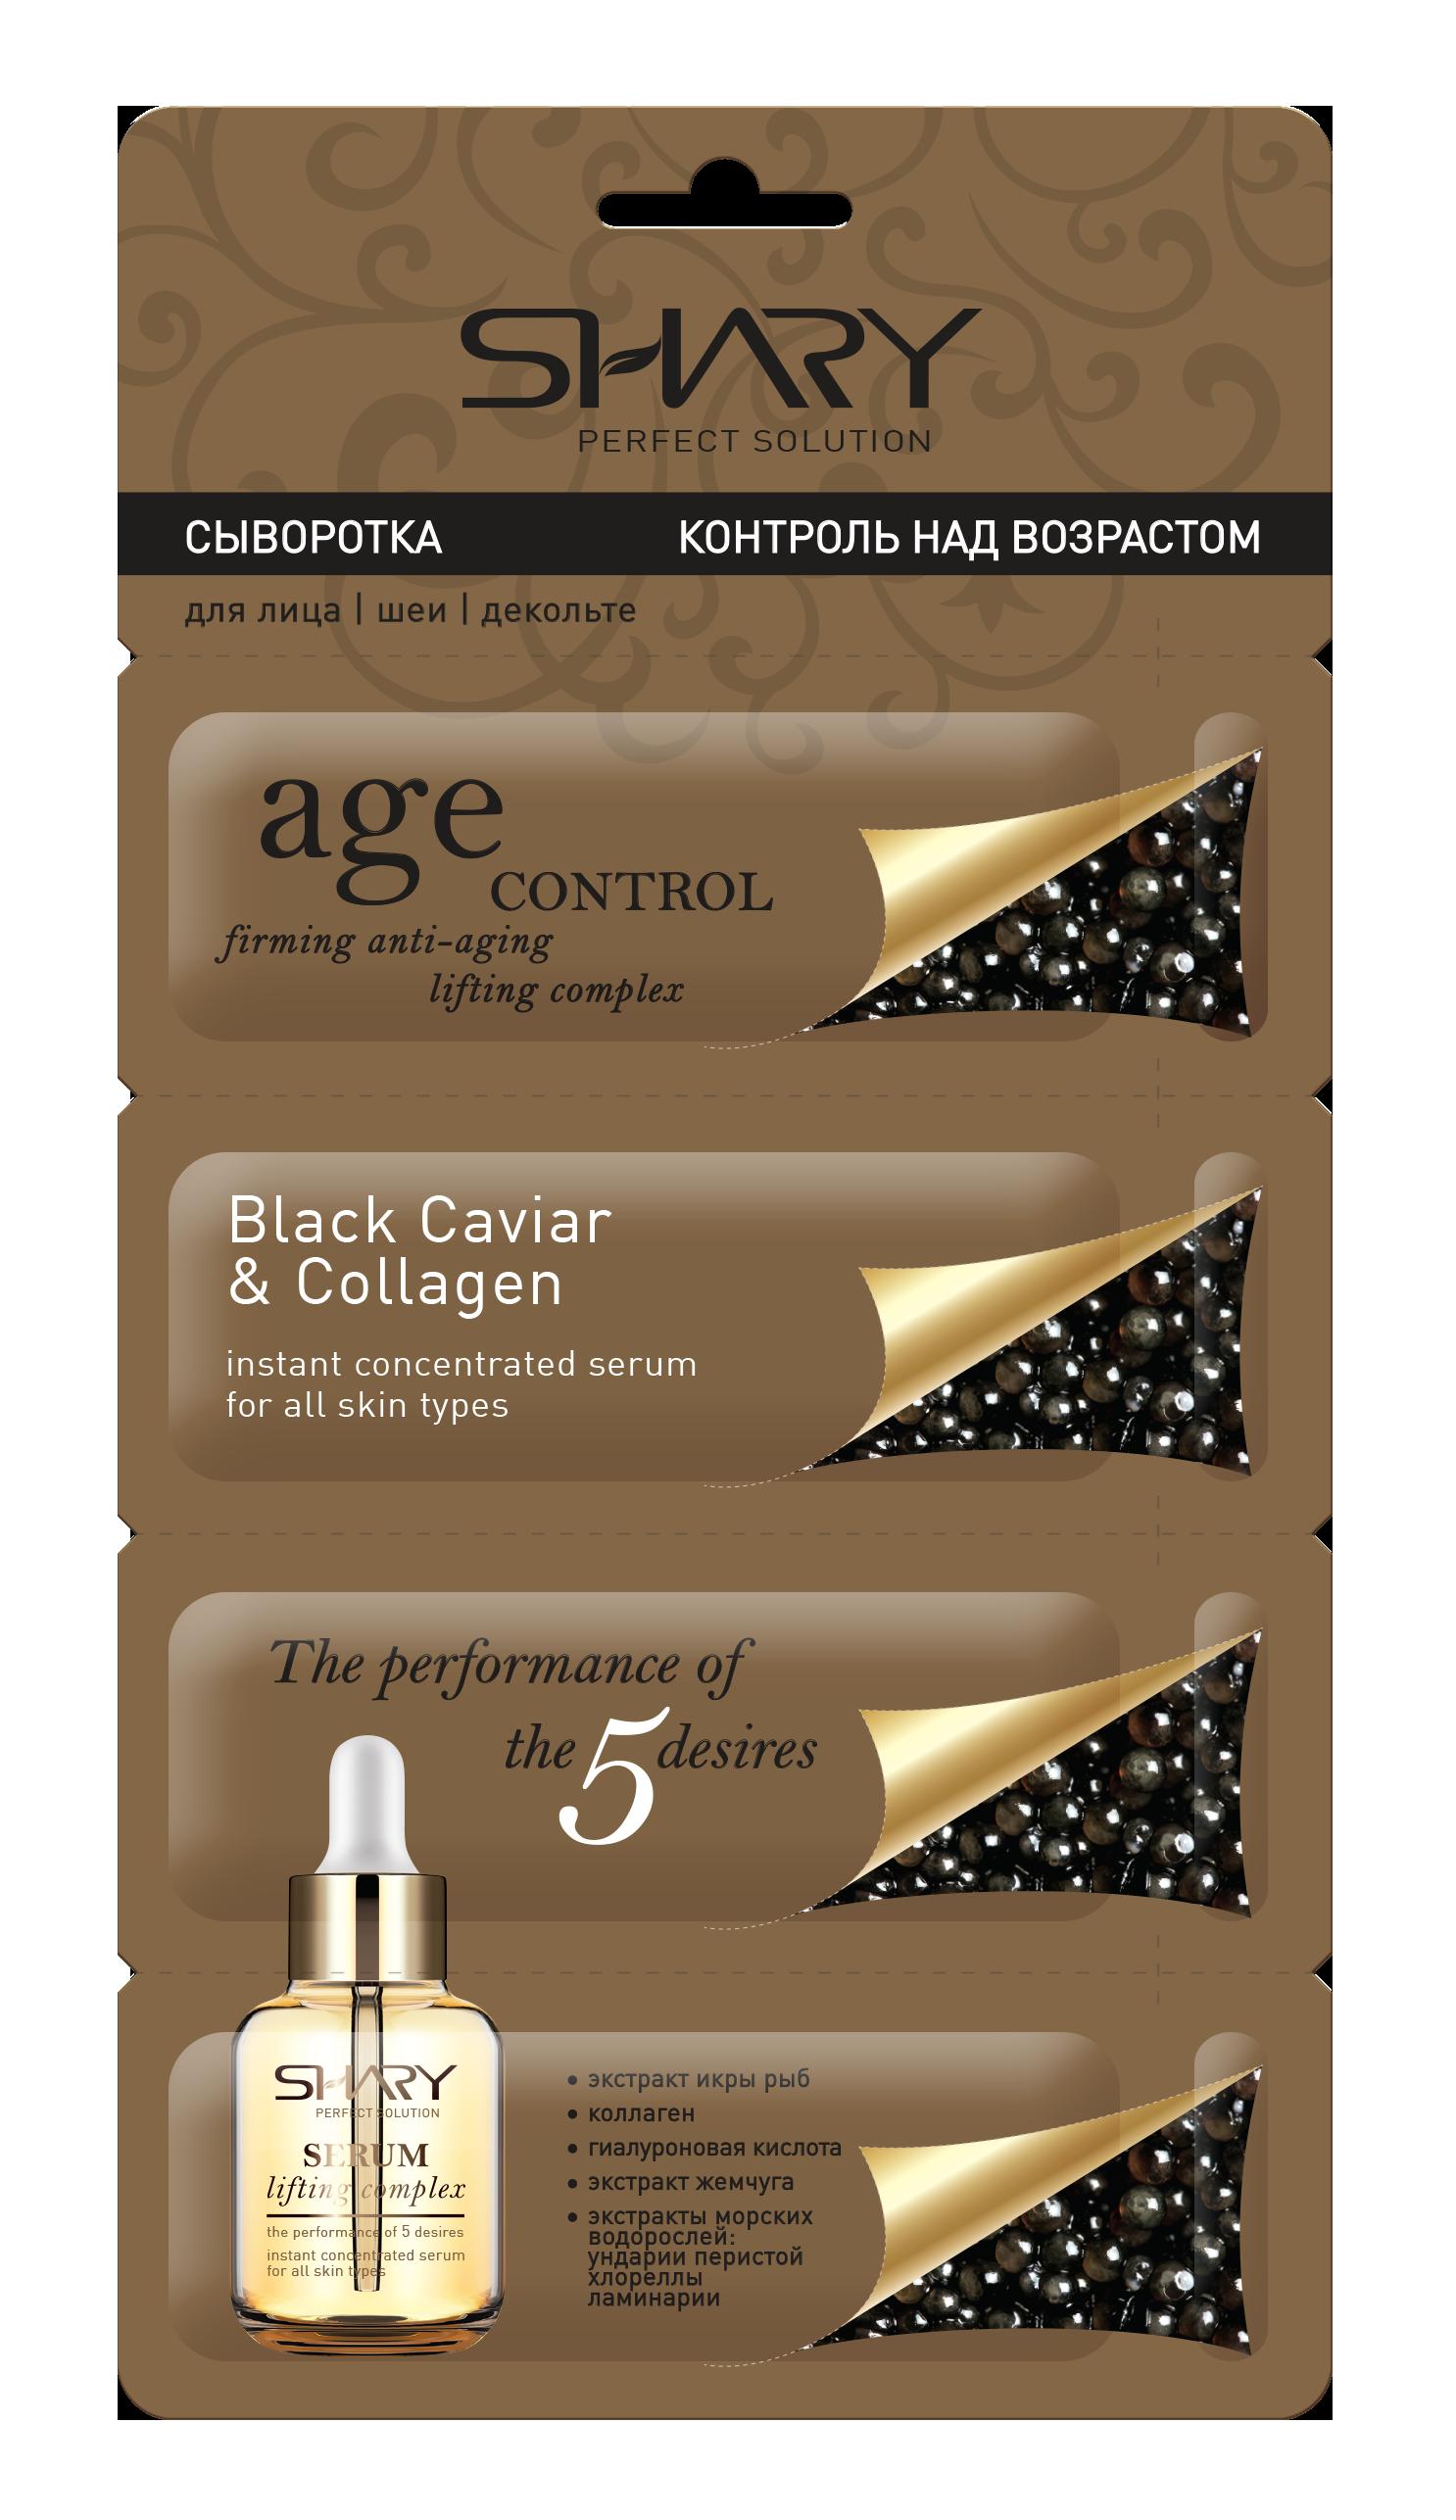 SHARY Сыворотка для лица, шеи, декольте Контроль над возрастом Черная икра и коллаген / SHARY 2г х 4 штСыворотки<br>Сыворотка  Контроль над возрастом . Черная икра и коллаген. Антивозрастной укрепляющий лифтинг-комплекс, для всех типов кожи лица, шеи и области декольте. 1 упаковка на 4 применения (2г*4 шт) Антивозрастная сыворотка с экстрактом черной икры и коллагеном содержит питательные и замедляющие процесс старения ингредиенты в высокой концентрации, борется с проявлением основных признаков возрастных изменений, увлажняет и обновляет кожу. Разглаживает линии морщин, повышая плотность кожи в области их формирования, и препятствует появлению новых. Экстракт черной икры   драгоценный ингредиент, богатый витаминами и аминокислотами, благодаря чему он усиливает регенерацию клеток, восстанавливая утраченную упругость и эластичность. Контур лица становится более четким, кожа разглаживается и наполняется энергией. Приятная текстура и нежный аромат доставляют большое удовольствие при нанесении на кожу. Активные ингредиенты: экстракт икры рыб, коллаген, гиалуроновая кислота, экстракт жемчуга, экстракты морских водорослей: ундарии перистой, хлореллы, ламинарии. Состав: Water, Glycerin, Caprylic/ Capric triglyceride, Caviar Extract, Pearl Extract, Laminaria Japonica Extract, Undaria Pinnatifida Extract, Chlorella Minutissima Extract, Hydrolyzed Collagen, Sodium Hyaluronate, Cetearyl Alcohol, Dimethicone, Glyceryl Stearate, Allantoin, Trehalose, Stearic Acid, Sorbitan Sesquioleate, Polysorbate 60, Xanthan Gum, Sodium Polyacrylate, Carbomer, Triethanolamine, Disodium EDTA, Ethylhexylglycerin, Phenoxyethanol, Fragrance. Способ применения: 1.Сыворотка наносится 1-2 раза в день на предварительно очищенную кожу по массажным линиям, двигаясь от области шеи и до линии роста волос на лбу, нежными скользящими движениями пальцев. 2. На веки - легкими прикосновениями по кругу от внутреннего угла глаза вверх до наружного угла, по нижнему веку - от наружного до внутреннего угла глаза. 3.